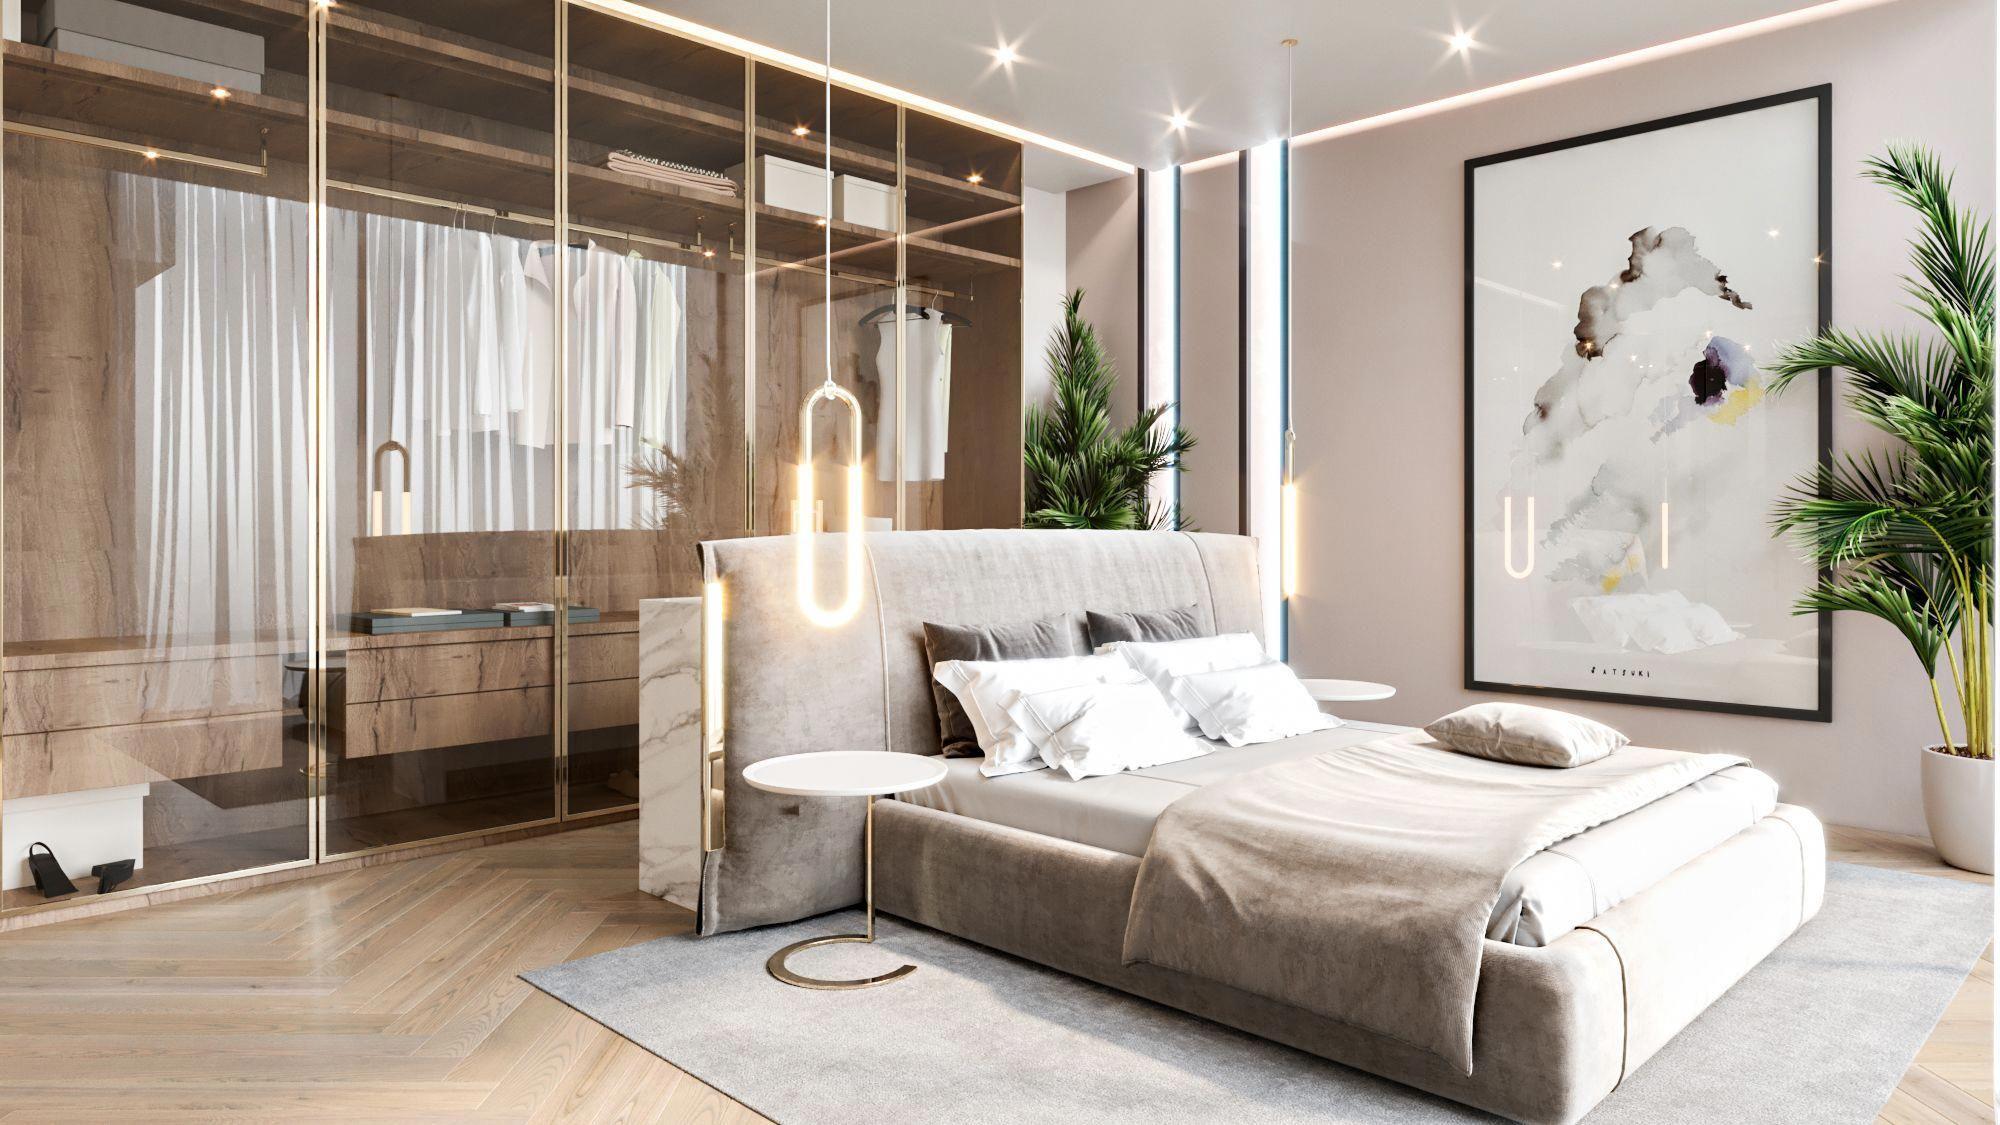 schlafzimmer interior design in dubai #modernesluxus